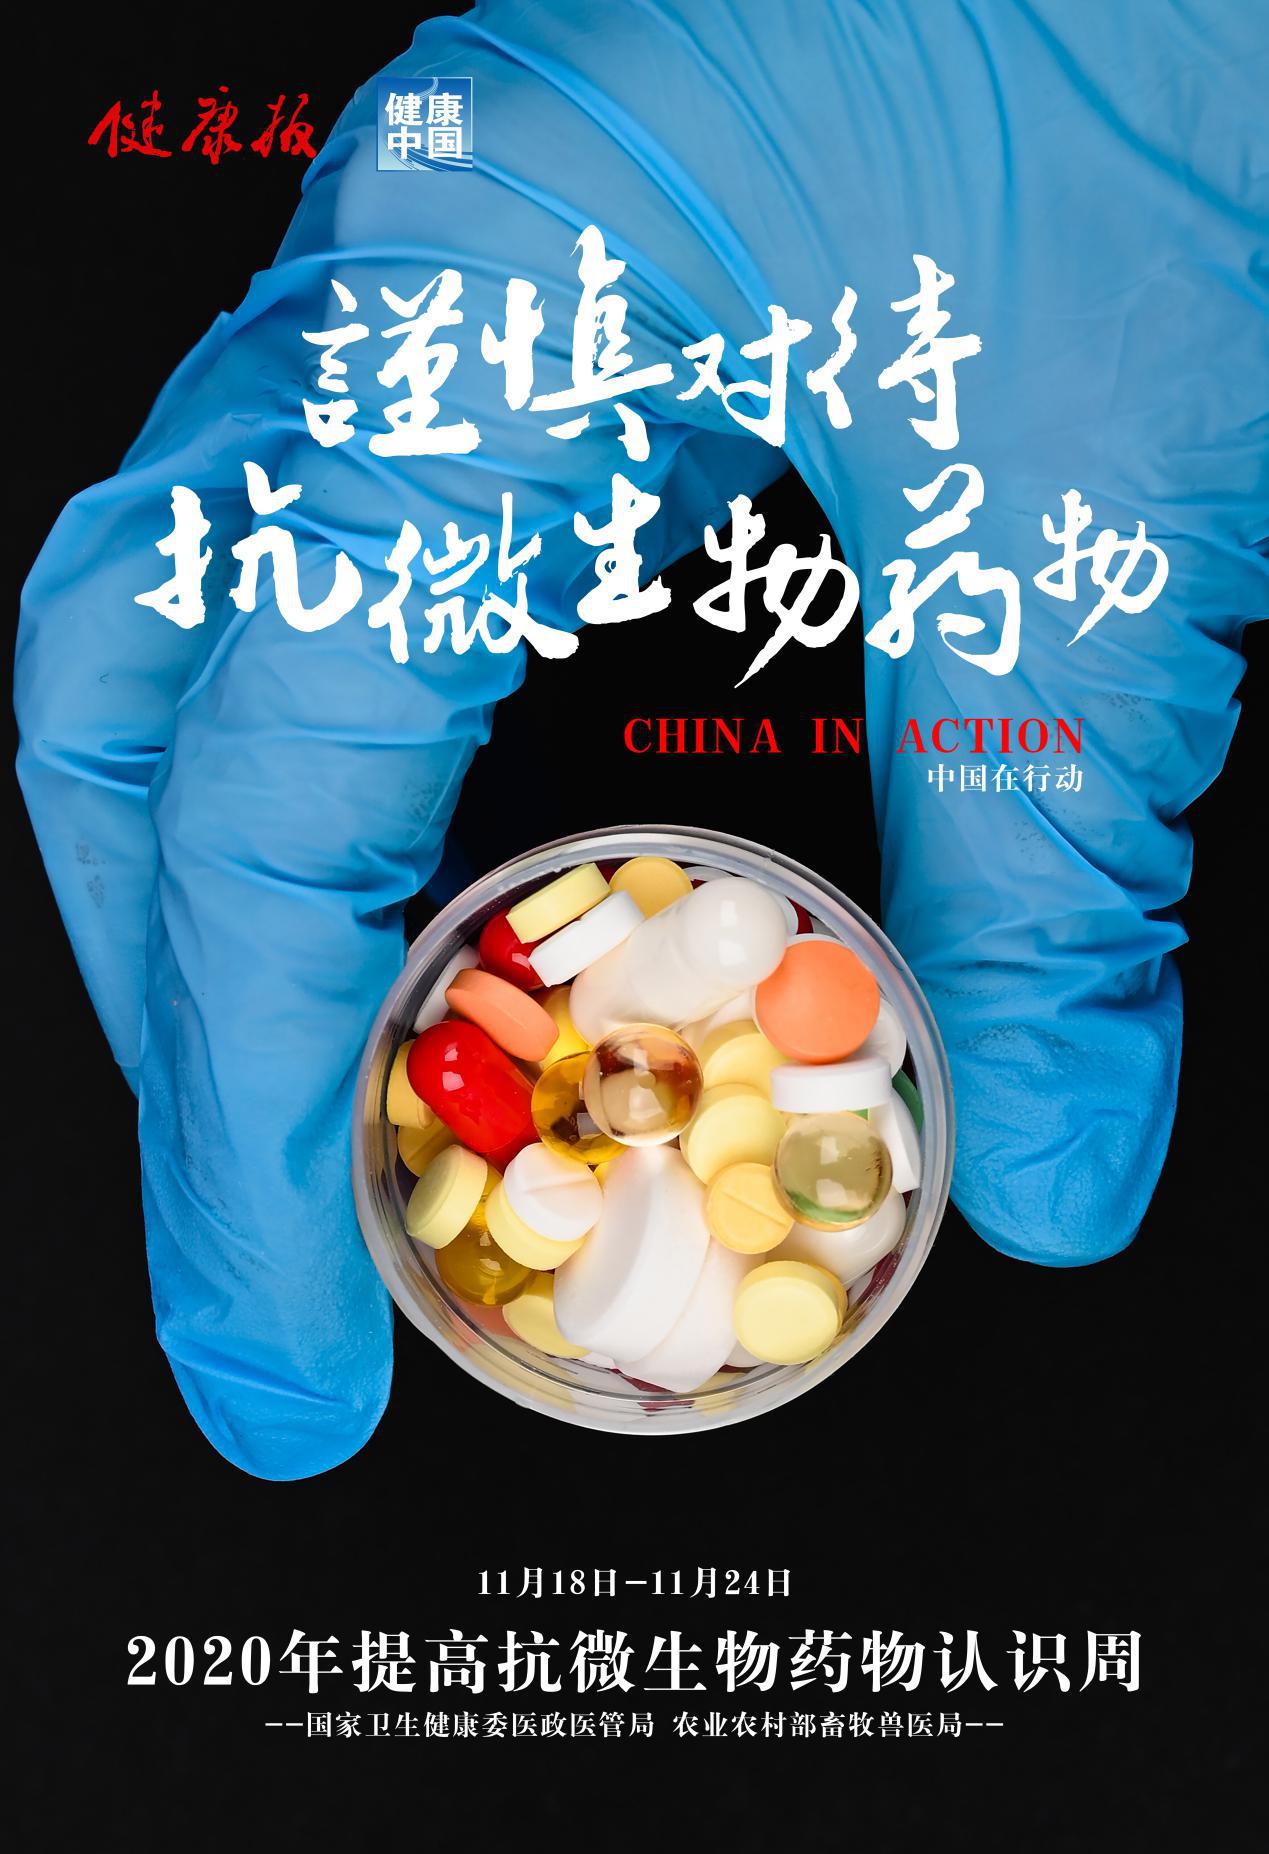 世界提高抗微生物药物认识周——团结起来保护抗微生物药物